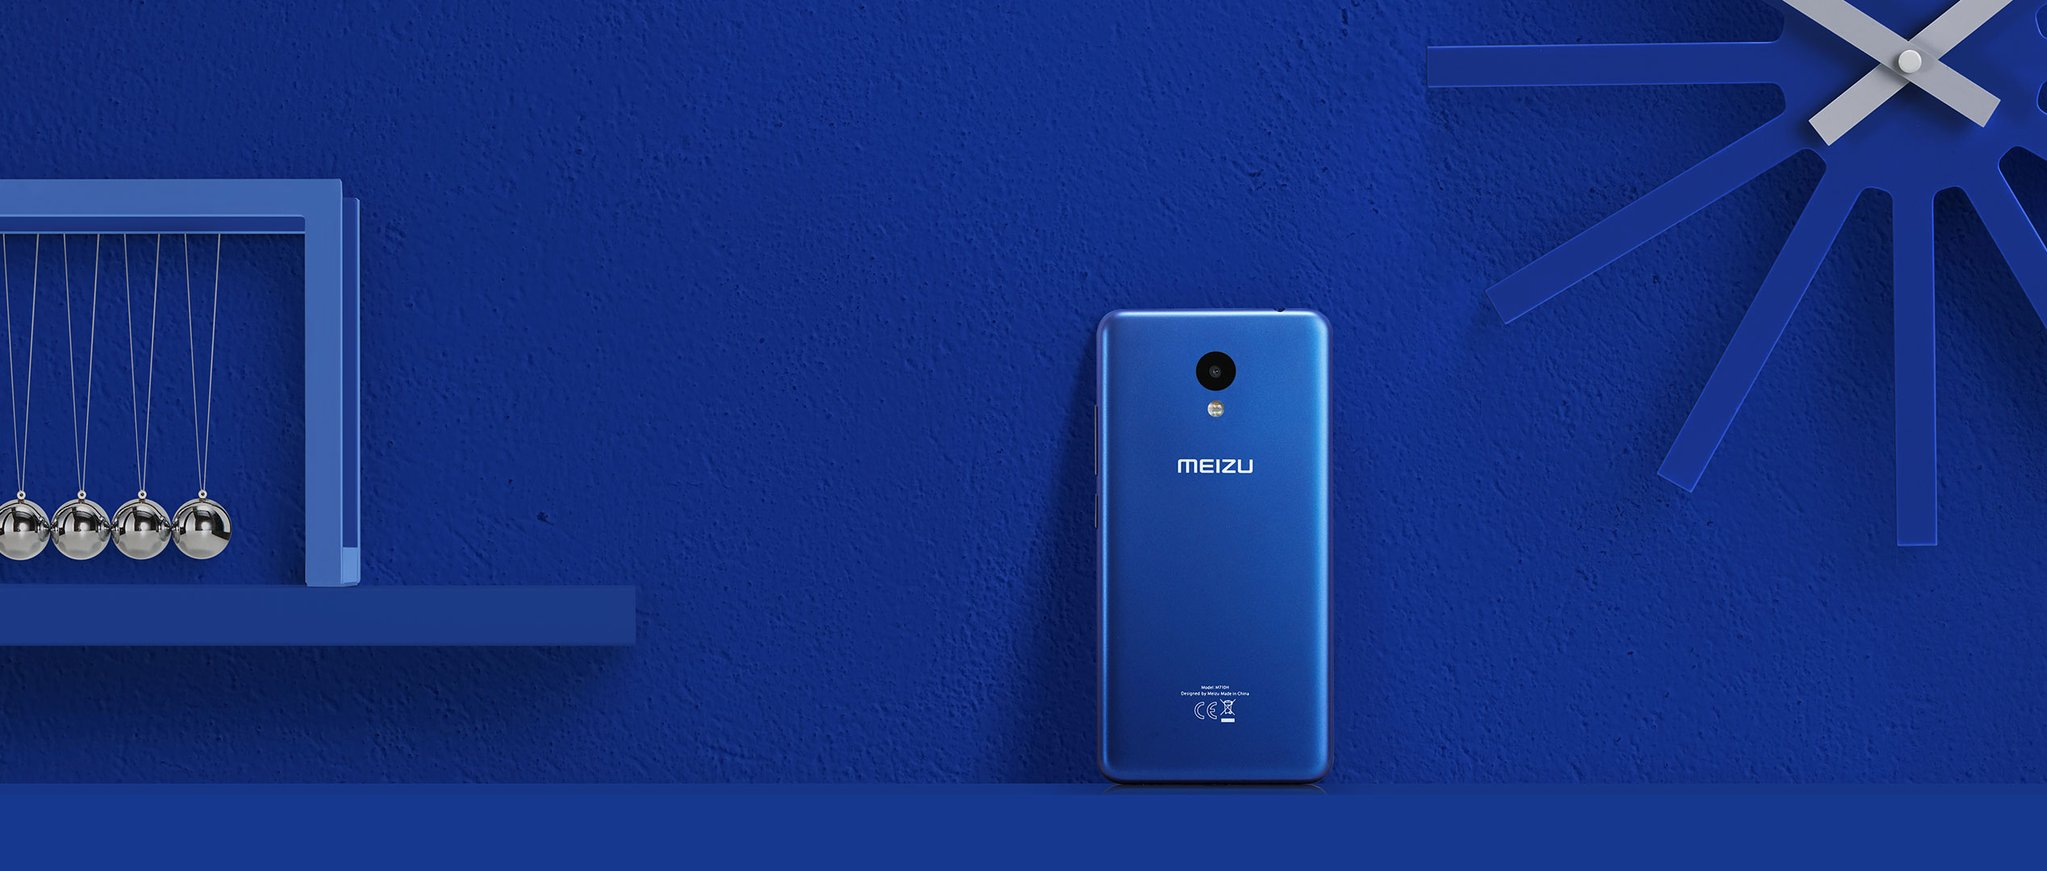 Meizu hợp tác cùng Shopee mở bán Meizu M5c giá sốc chỉ 1.6 triệu đồng